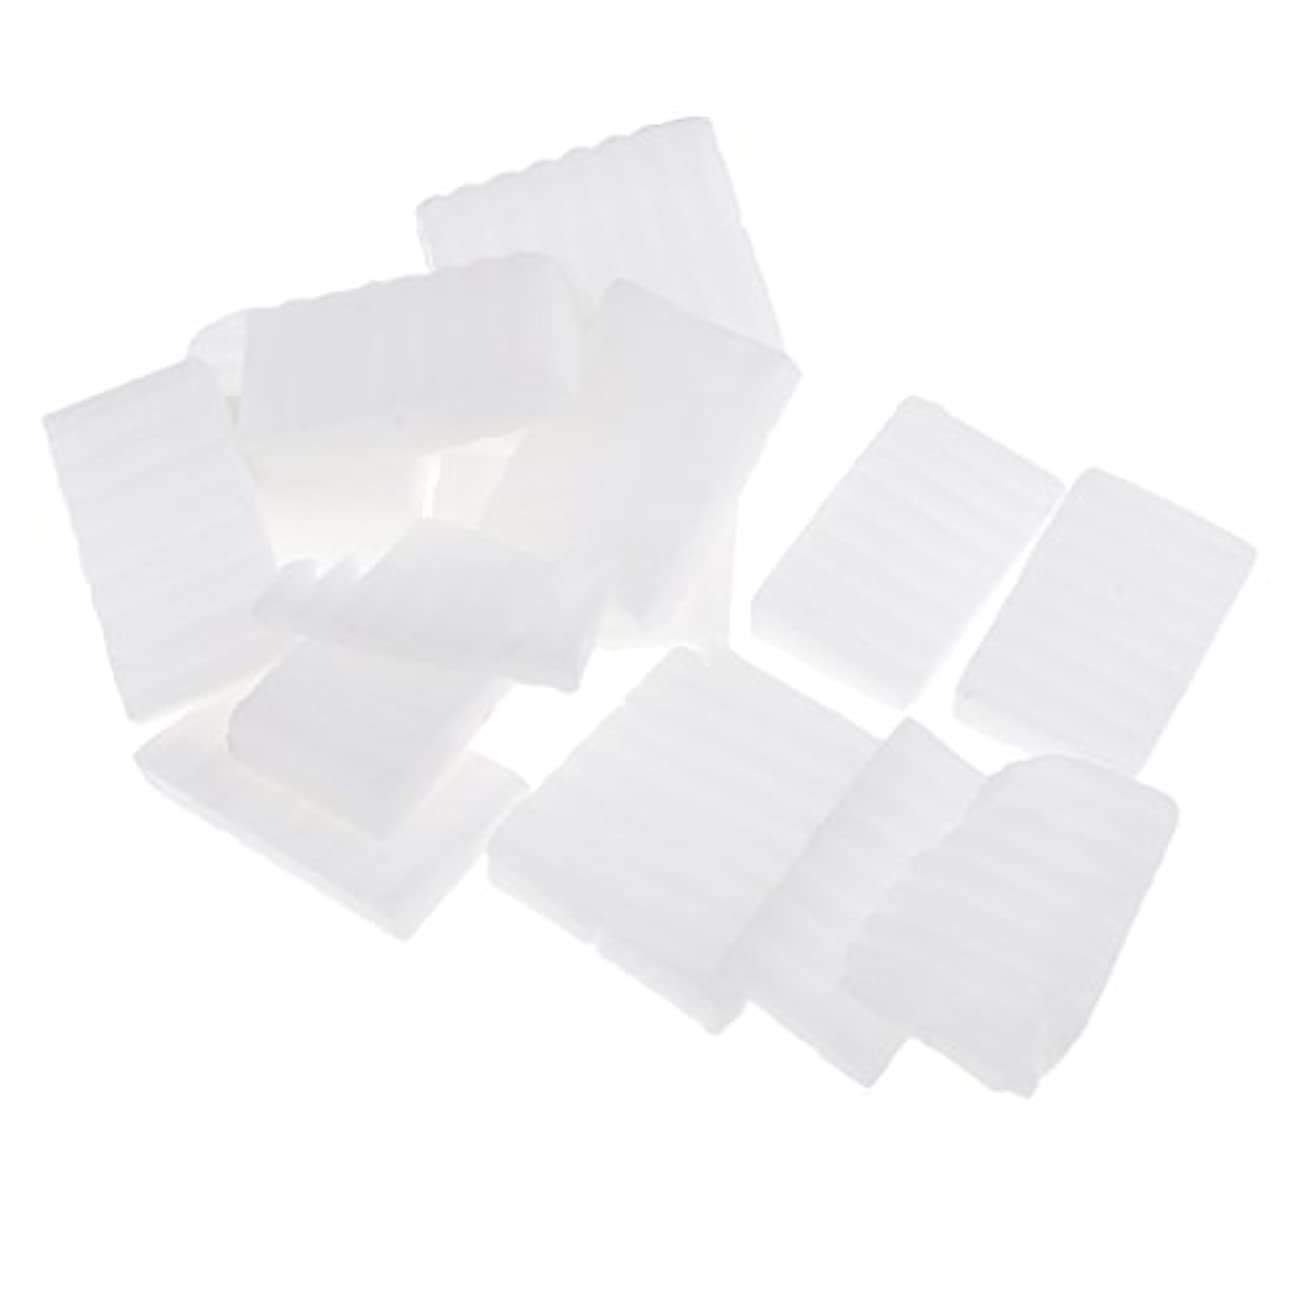 強います財政叫ぶ約500g ホワイト 石鹸ベース DIY 手作り 石鹸 材料